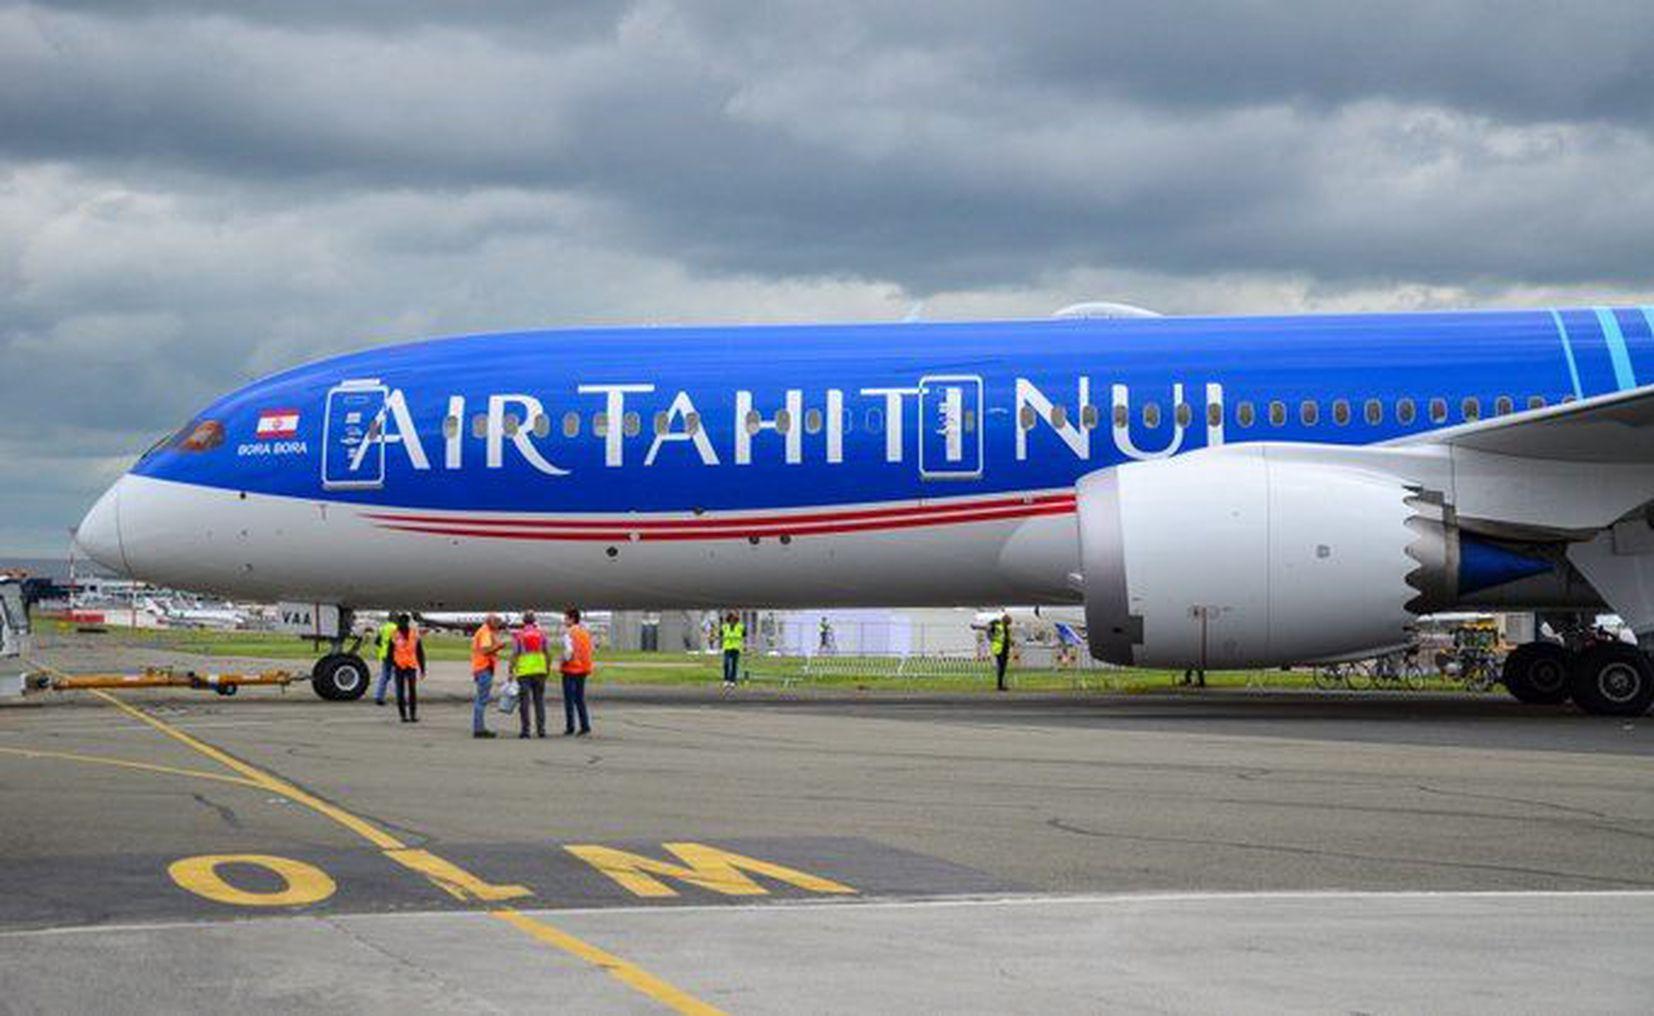 AHORA: El vuelo más largo del mundo, por el coronavirus